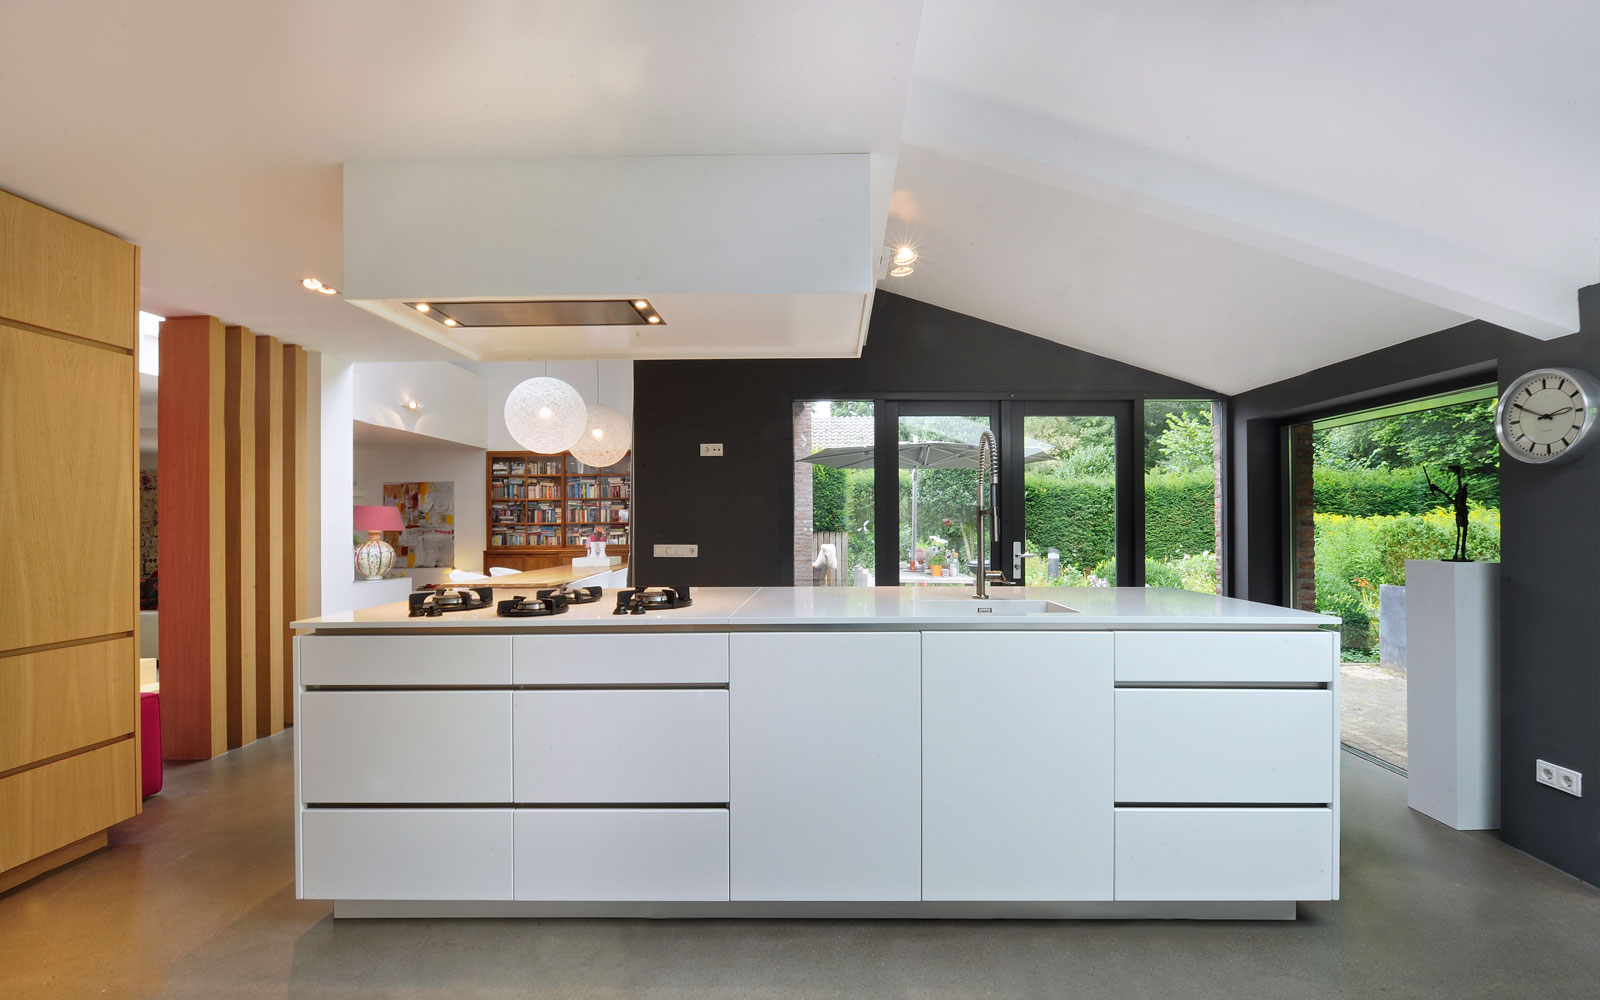 Maatwerk keuken, Marcel Zwaard, pitt cooking, kookeiland, strakke witte keuken, jaren 70 woning, De Bever Architecten